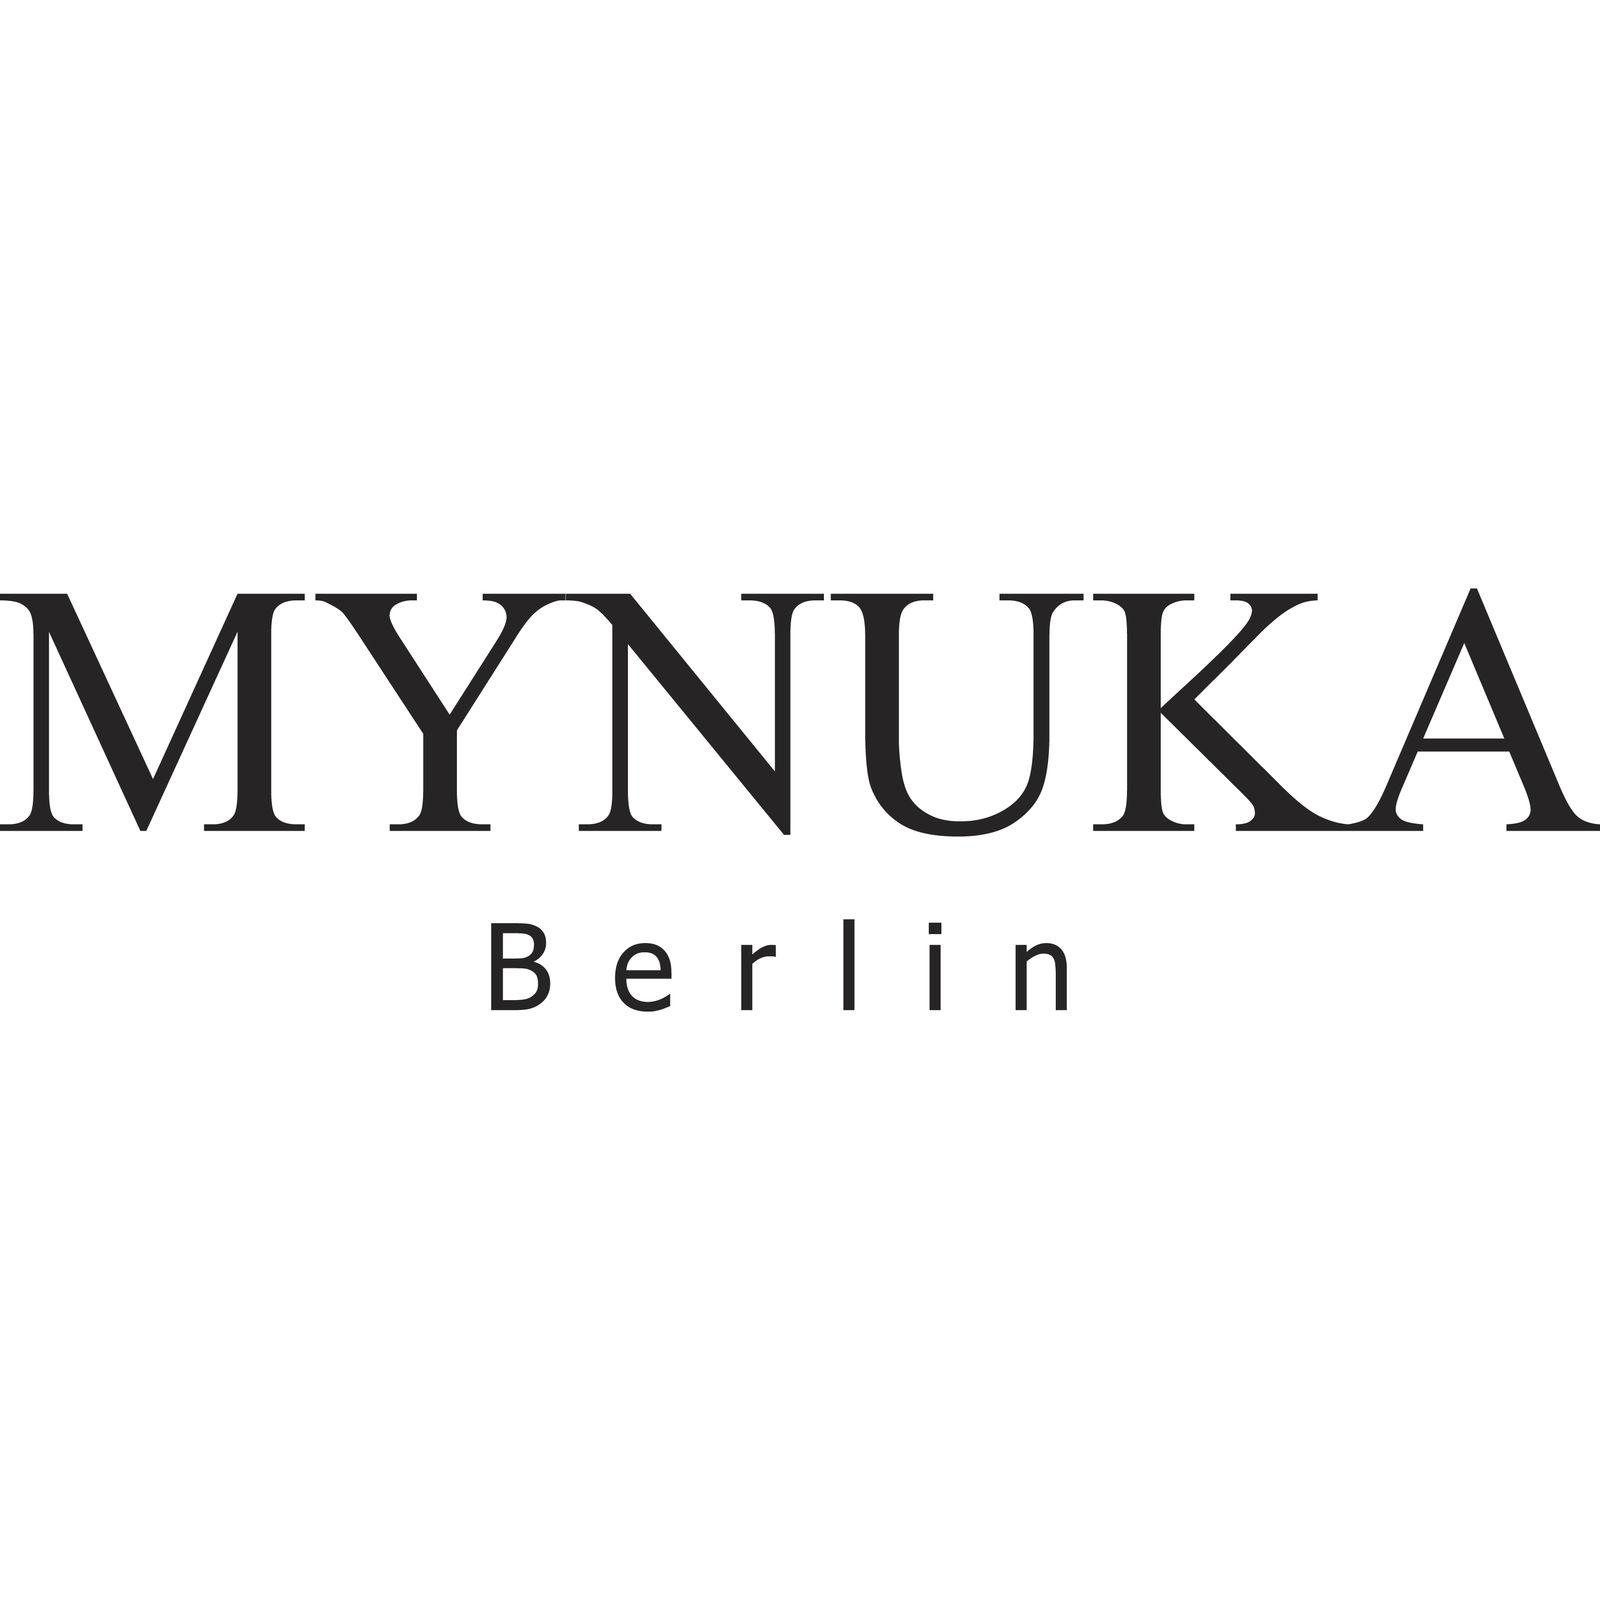 MYNUKA